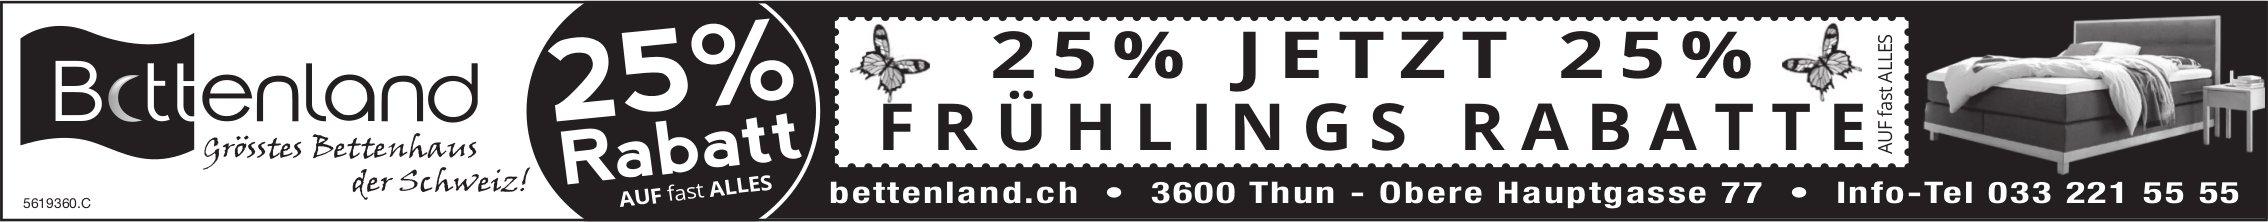 Bettenland, grösstes Bettenhaus der Schweiz - Jetzt 25% Frühlings Rabatte